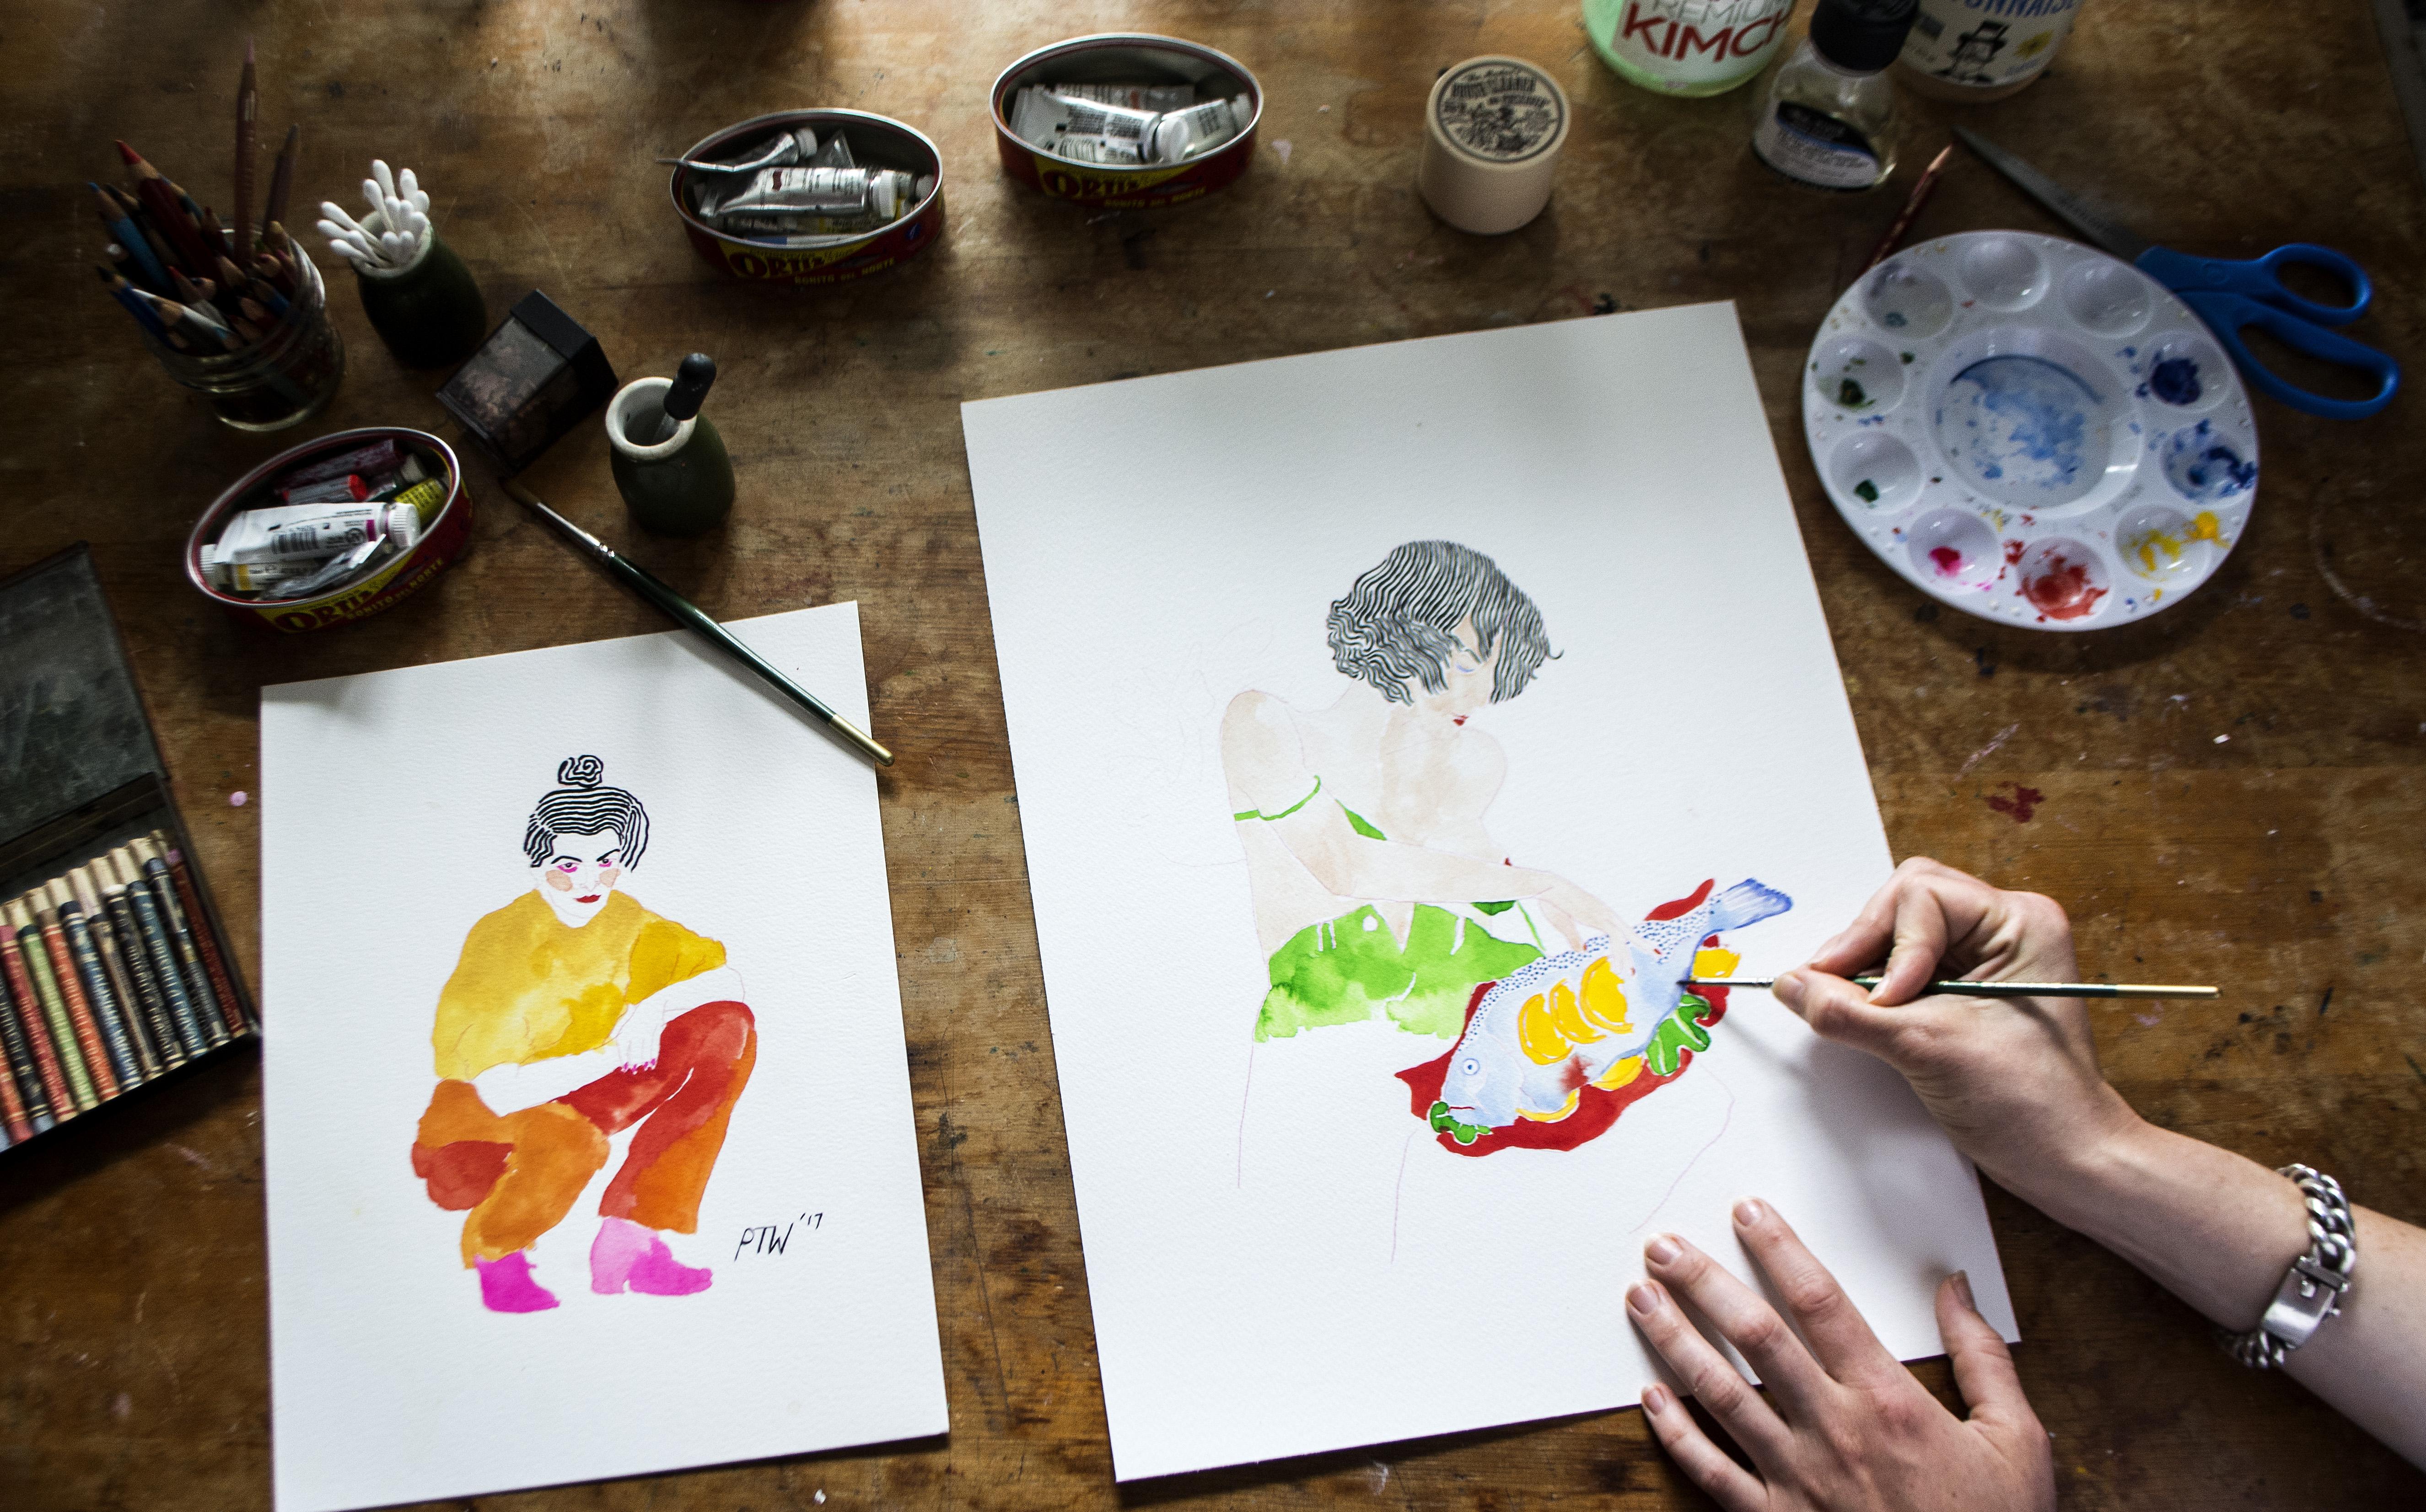 Priscilla Weidlein studio art